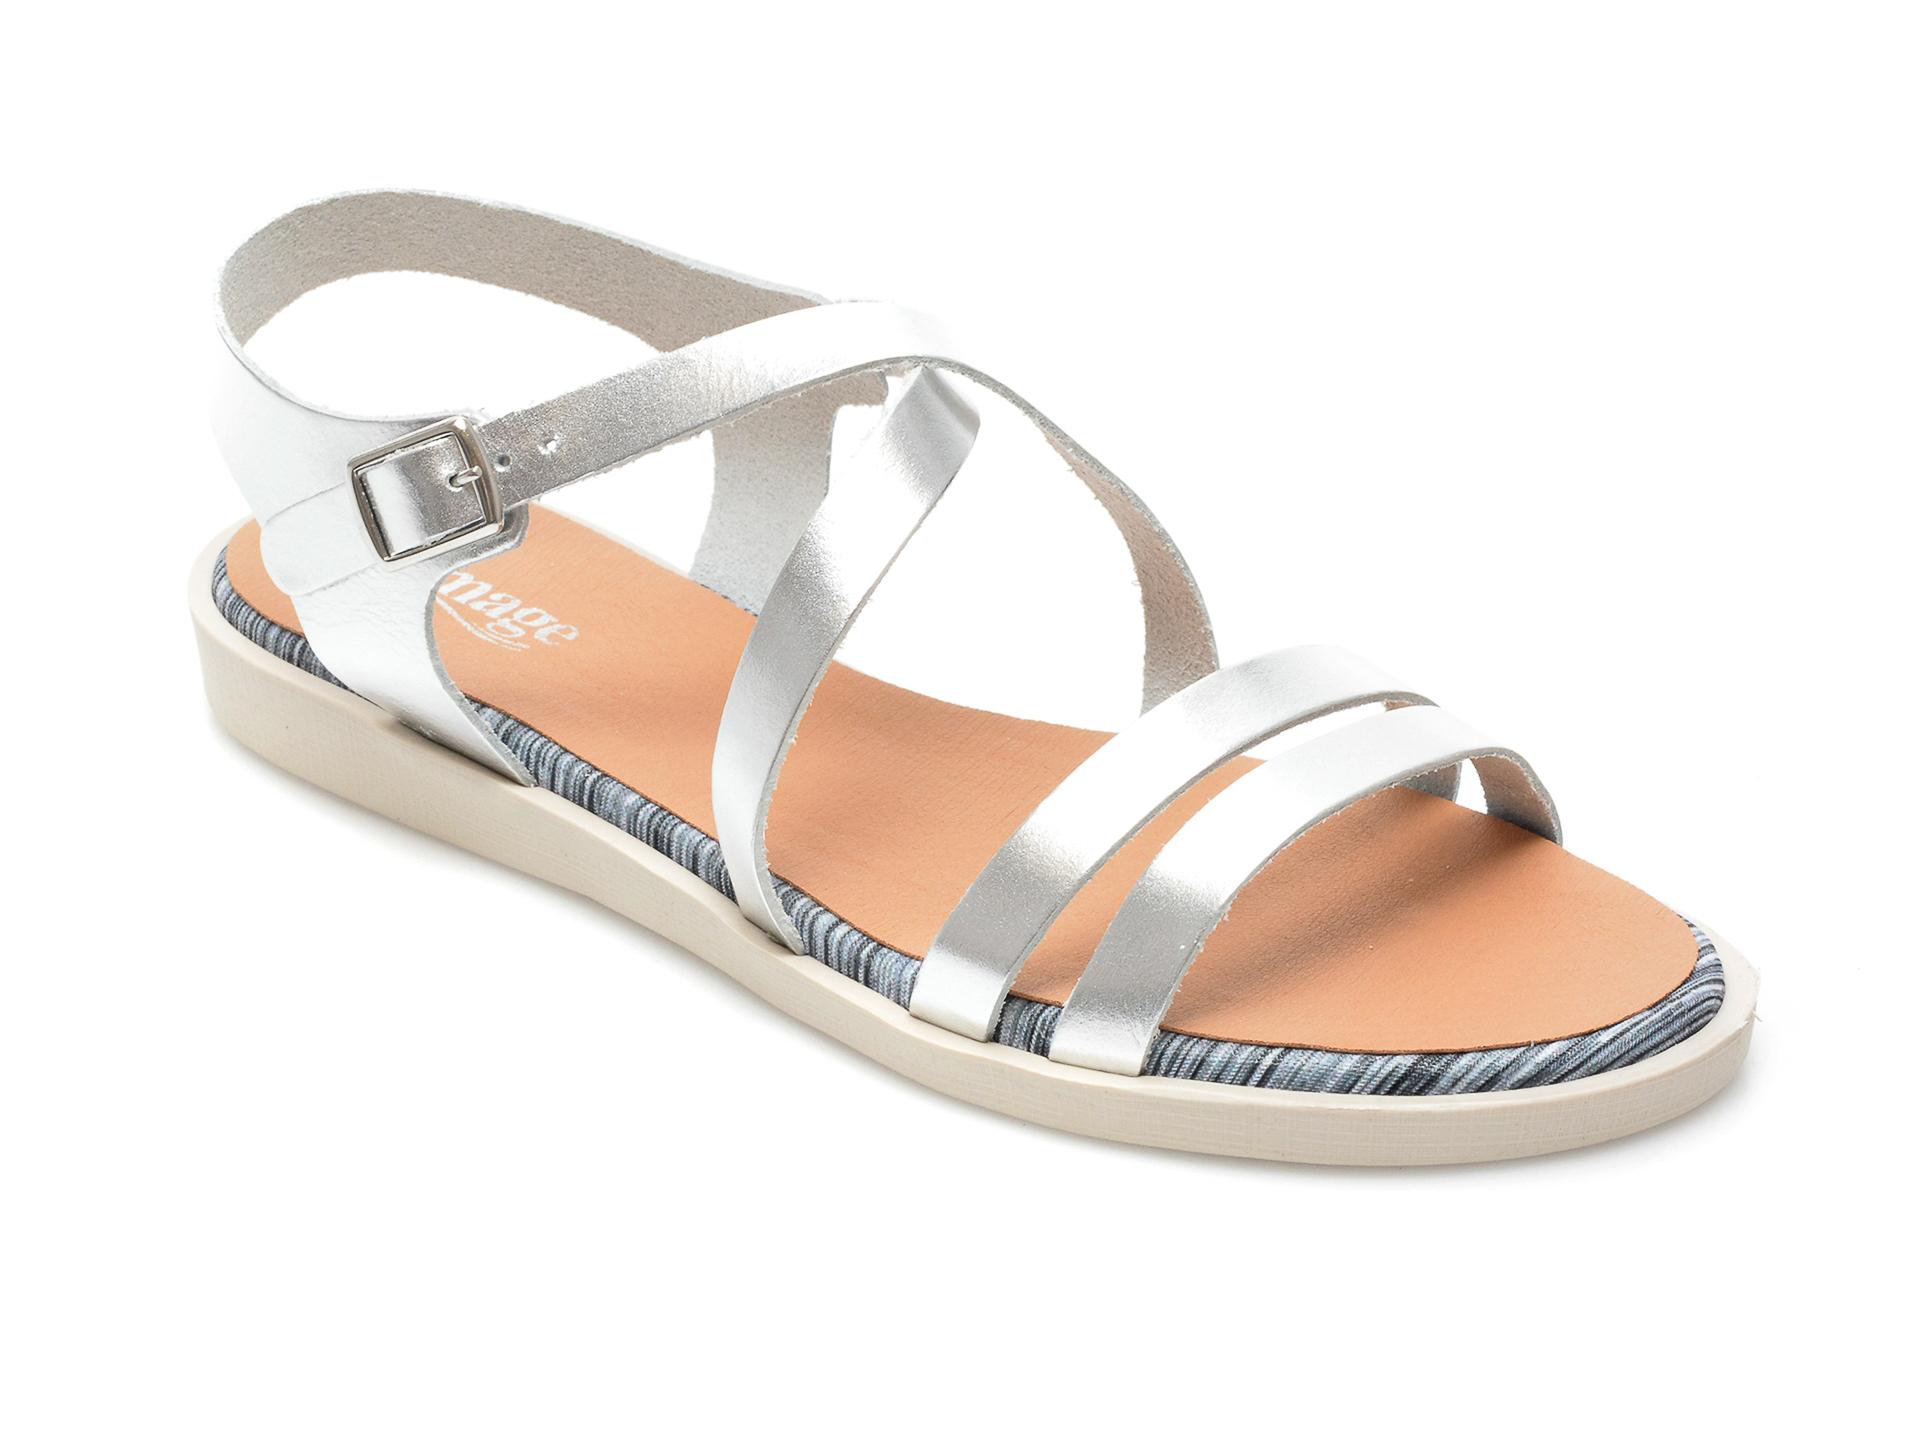 Sandale IMAGE argintii, TABARCA, din piele naturala